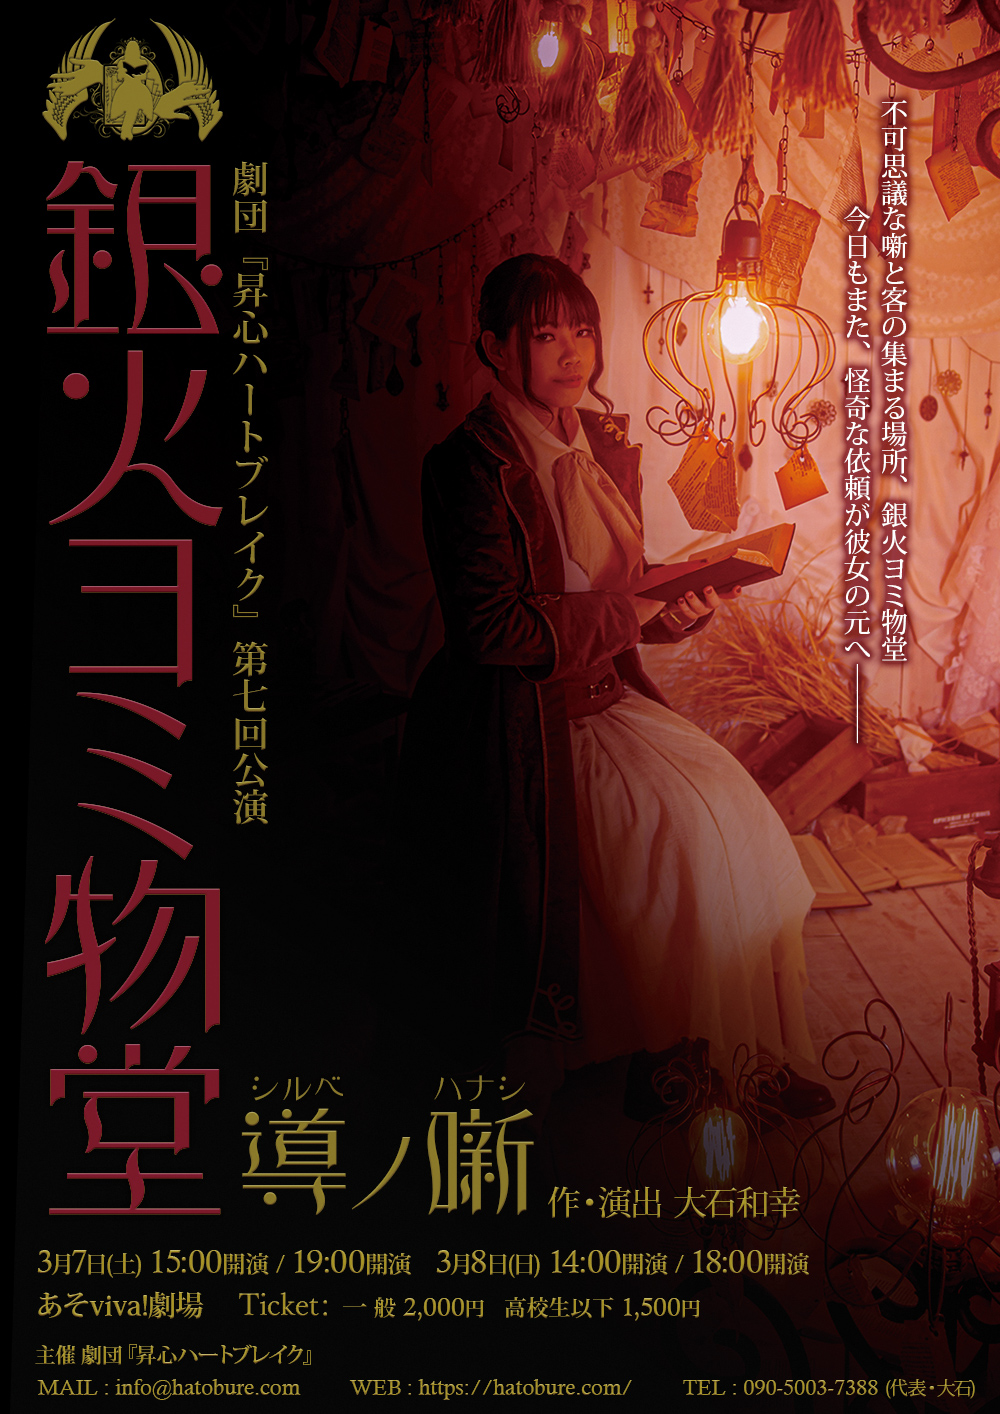 劇団『昇心ハートブレイク』第七回公演 【銀火ヨミ物堂〜導ノ噺〜】